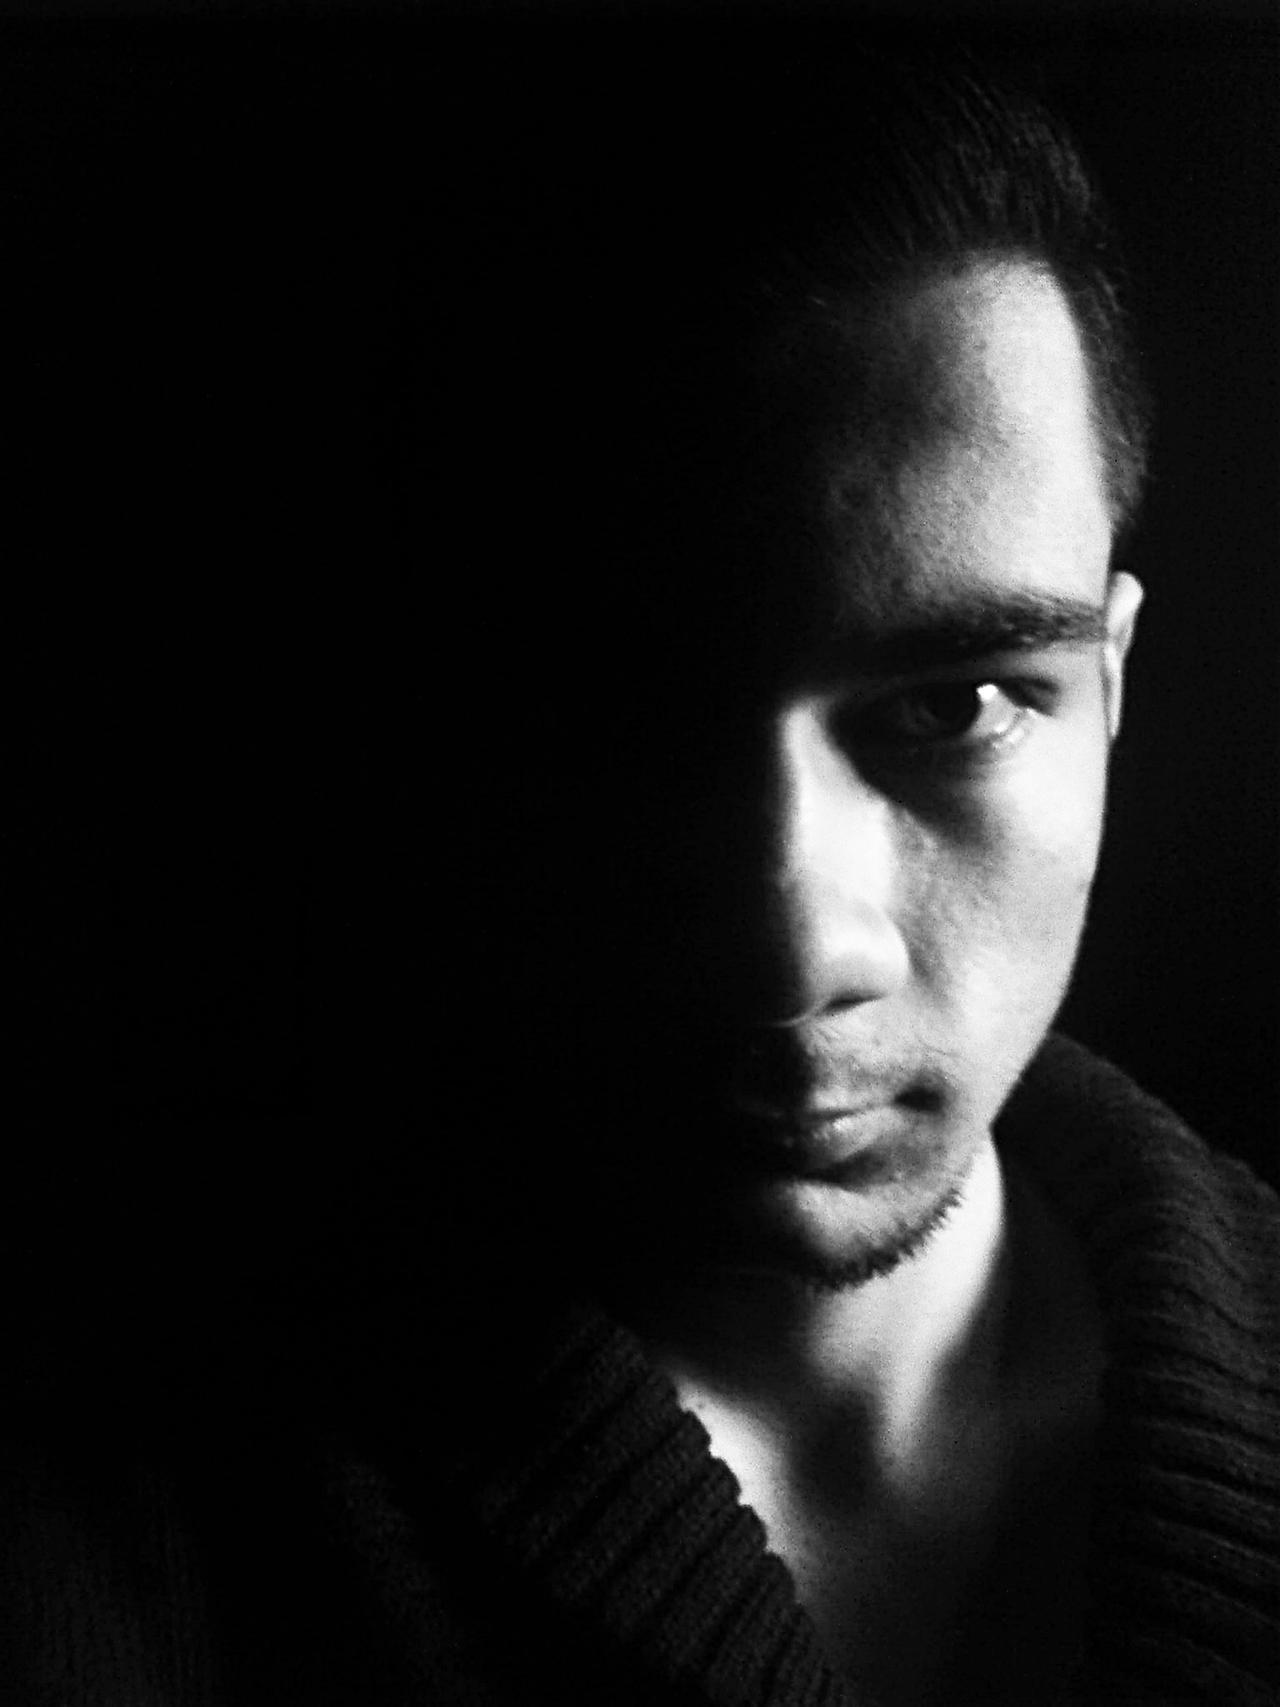 Kuja09's Profile Picture